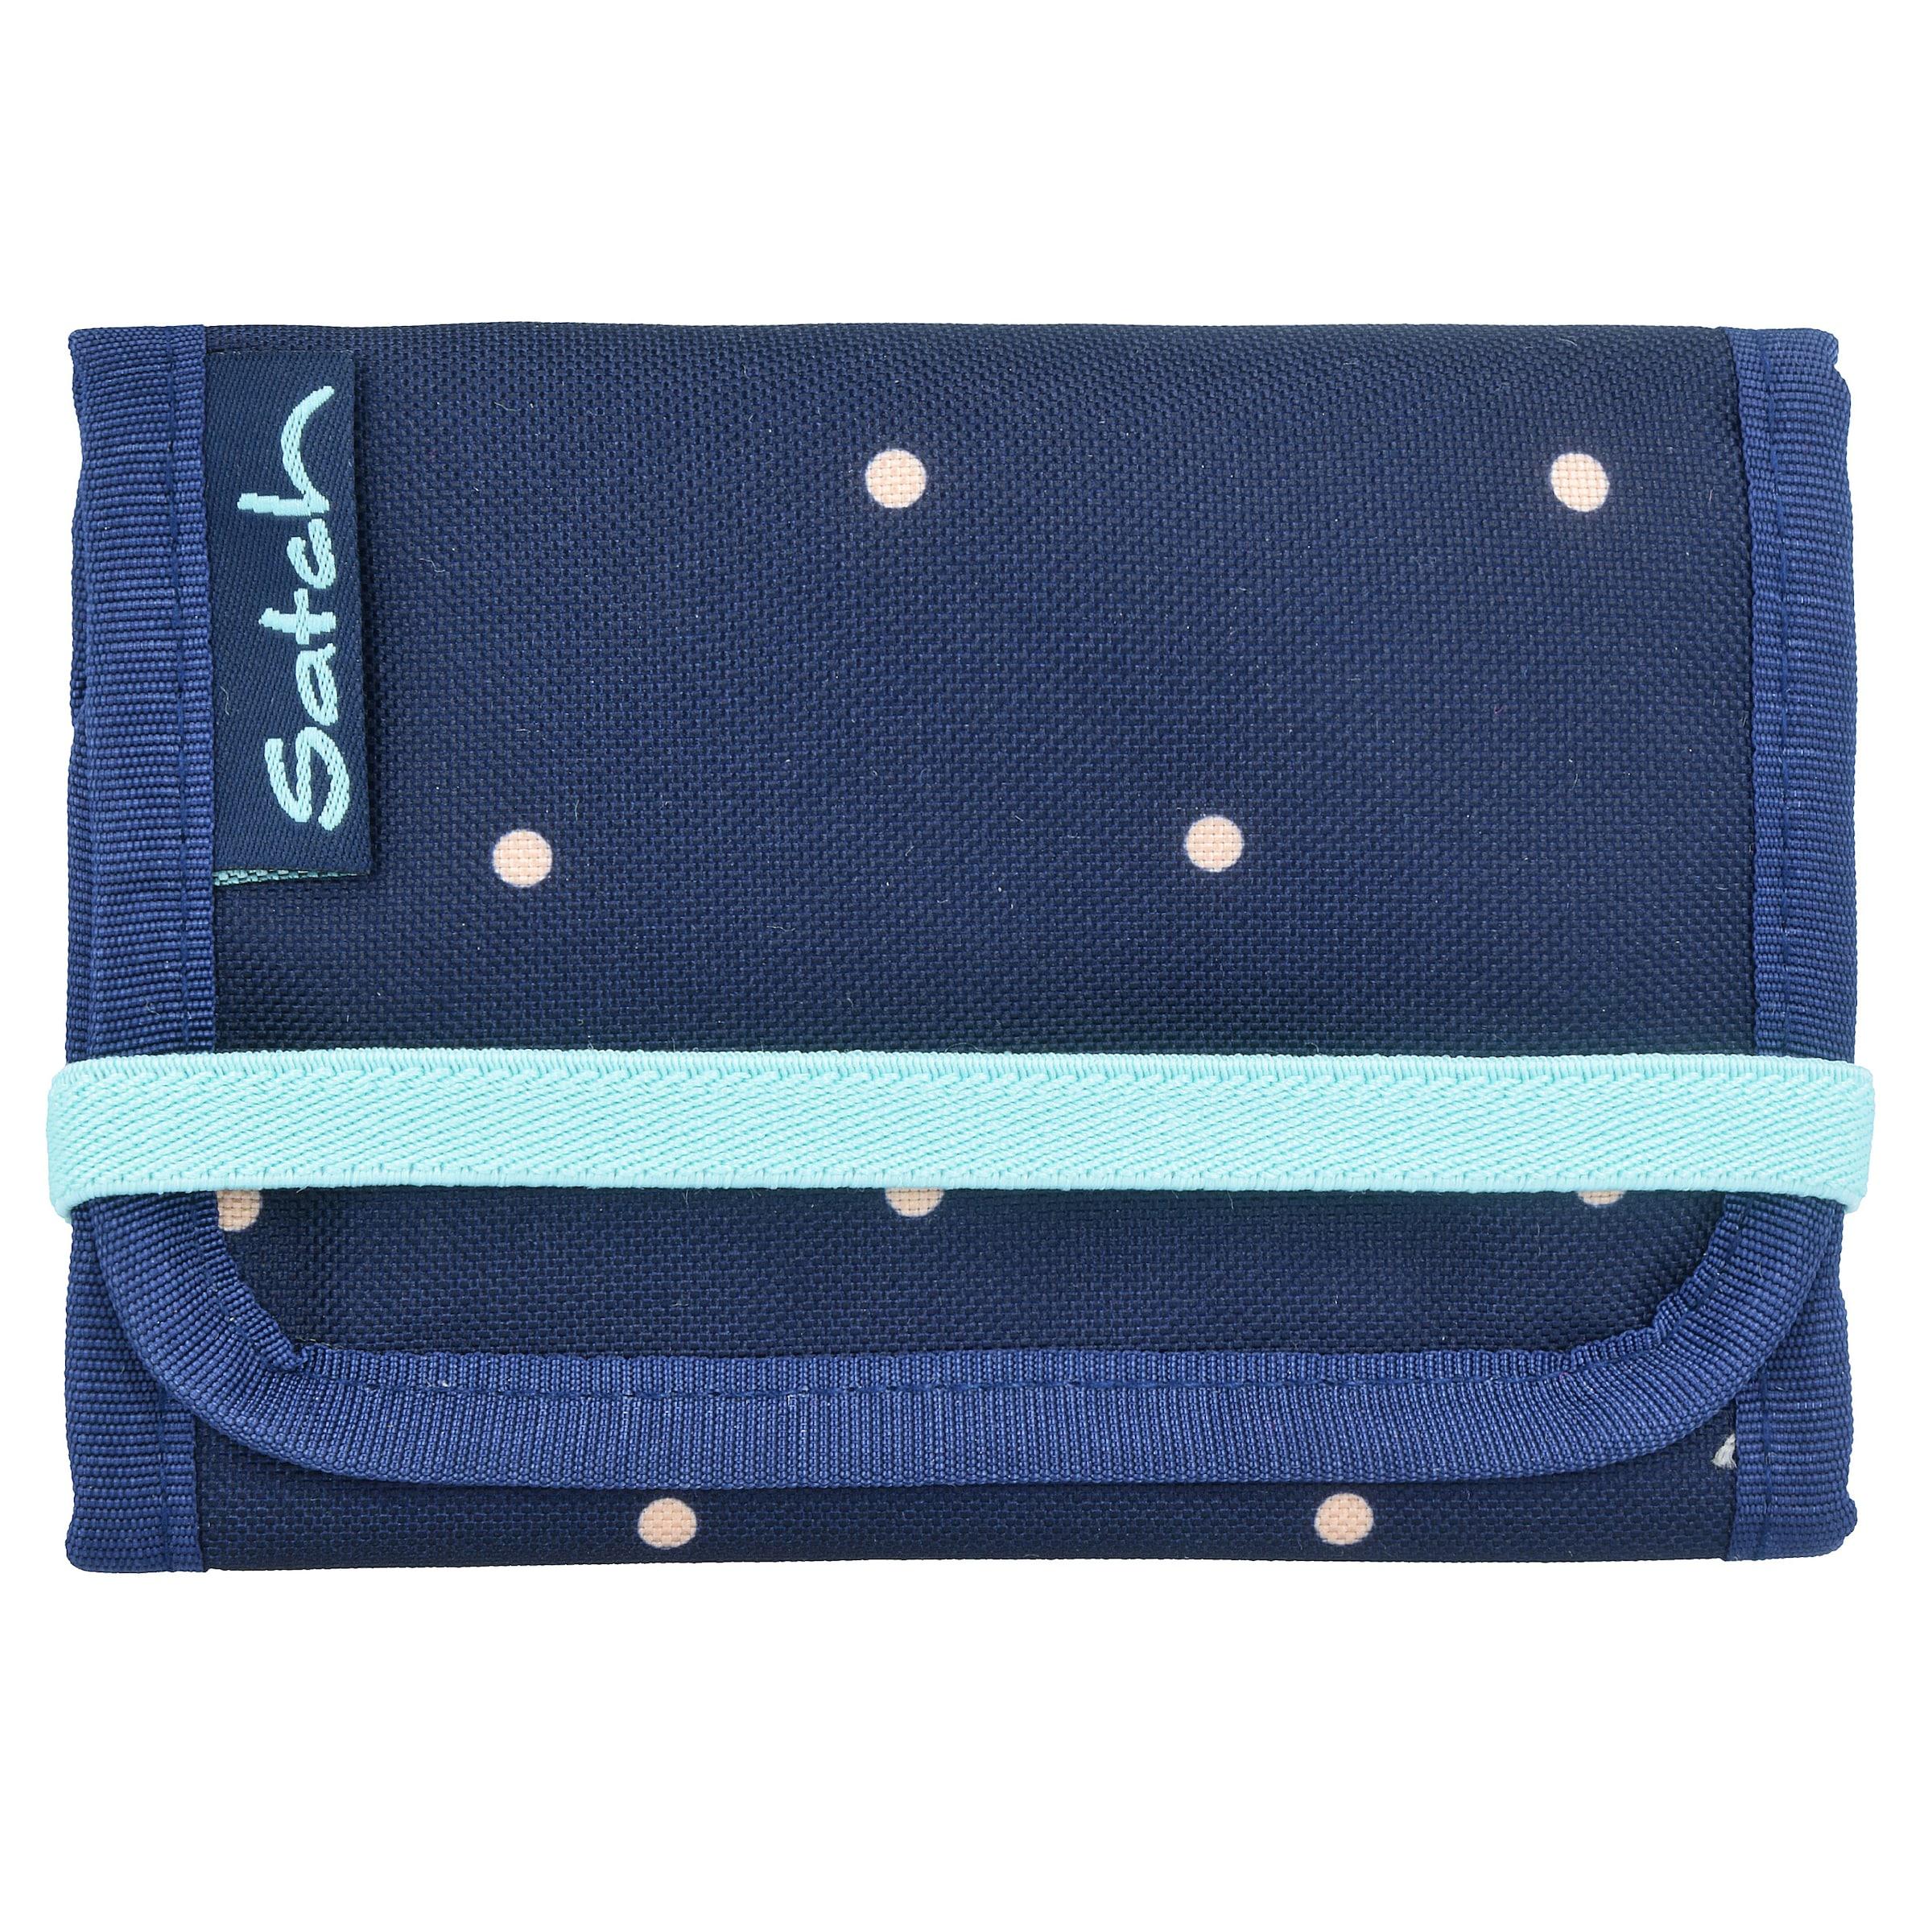 Satch Geldbörse in blau